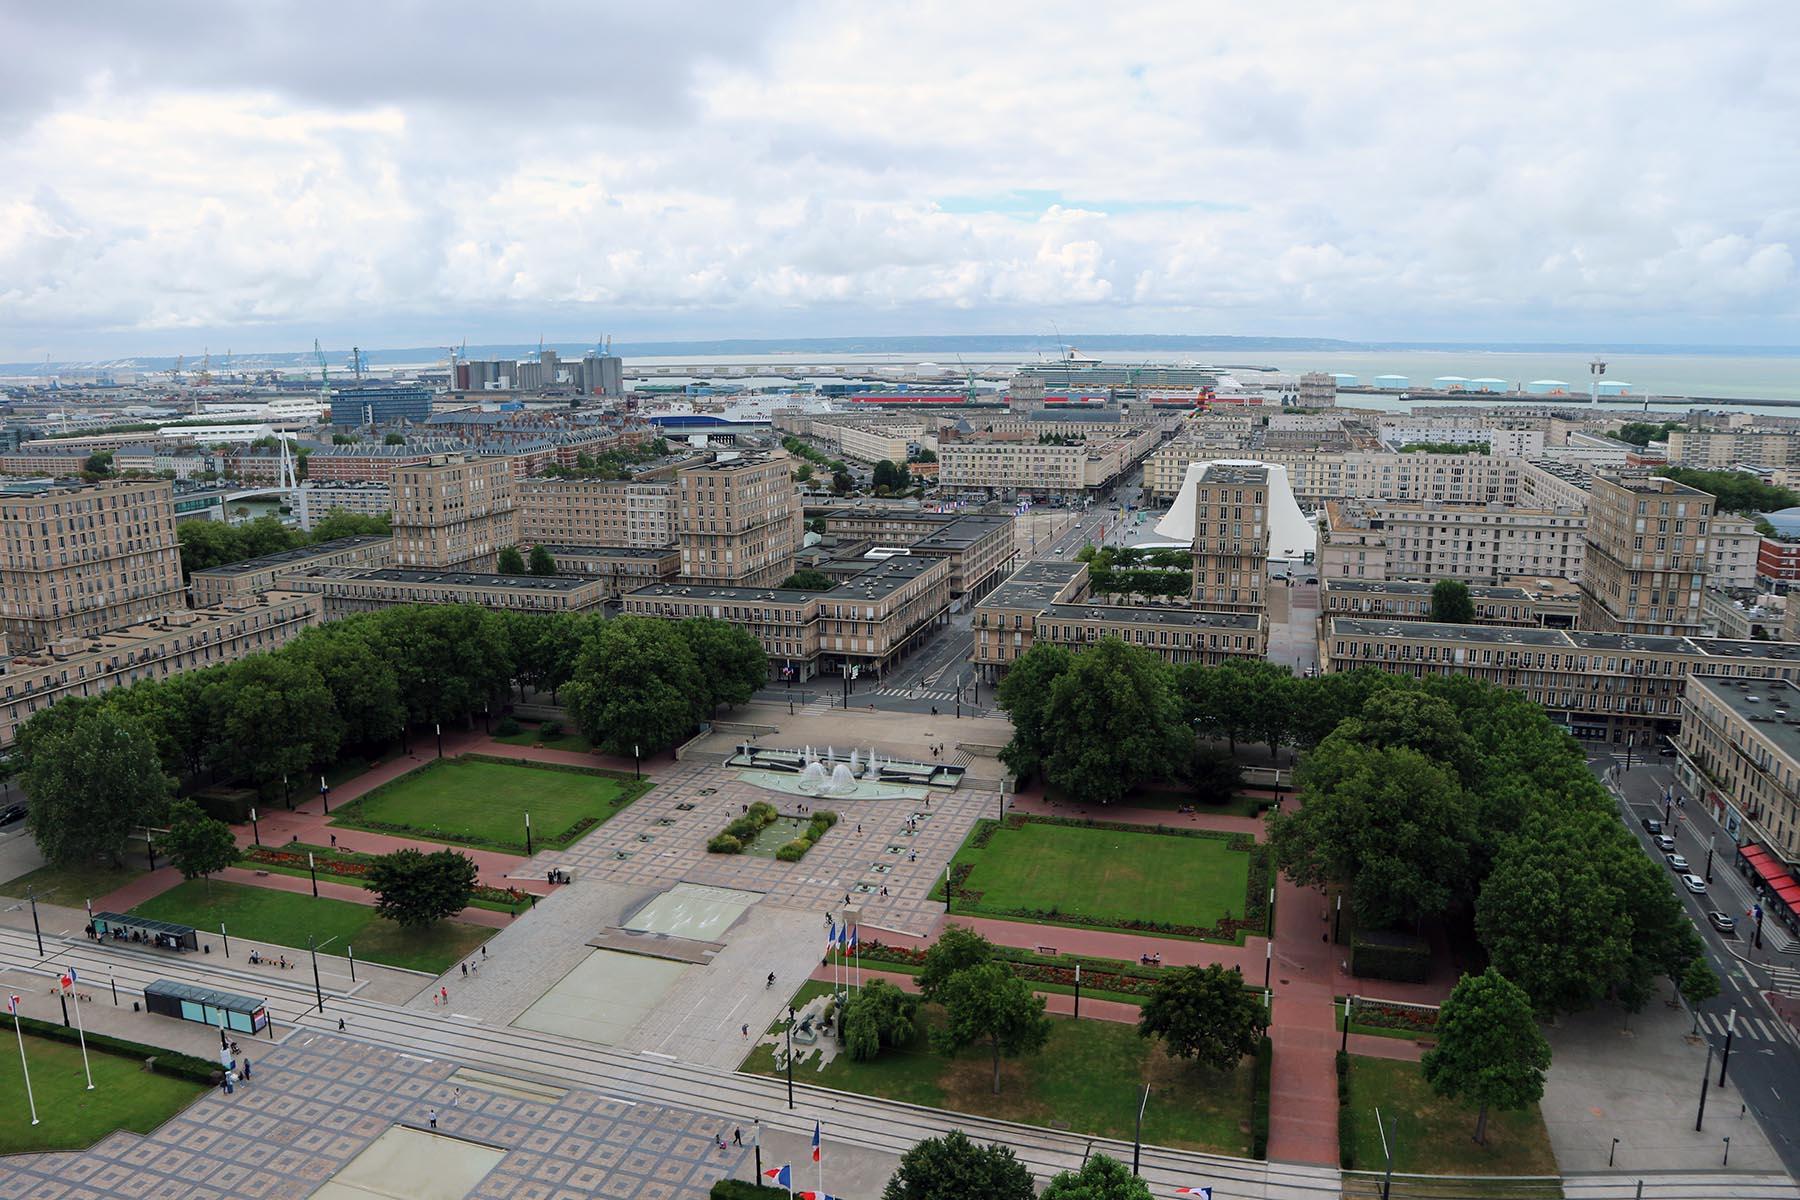 Das monumentale Dreieck. Die arkadengesäumte Rue de Paris führt vom Rathausplatz zum südlich gelegenen Hafenbecken.